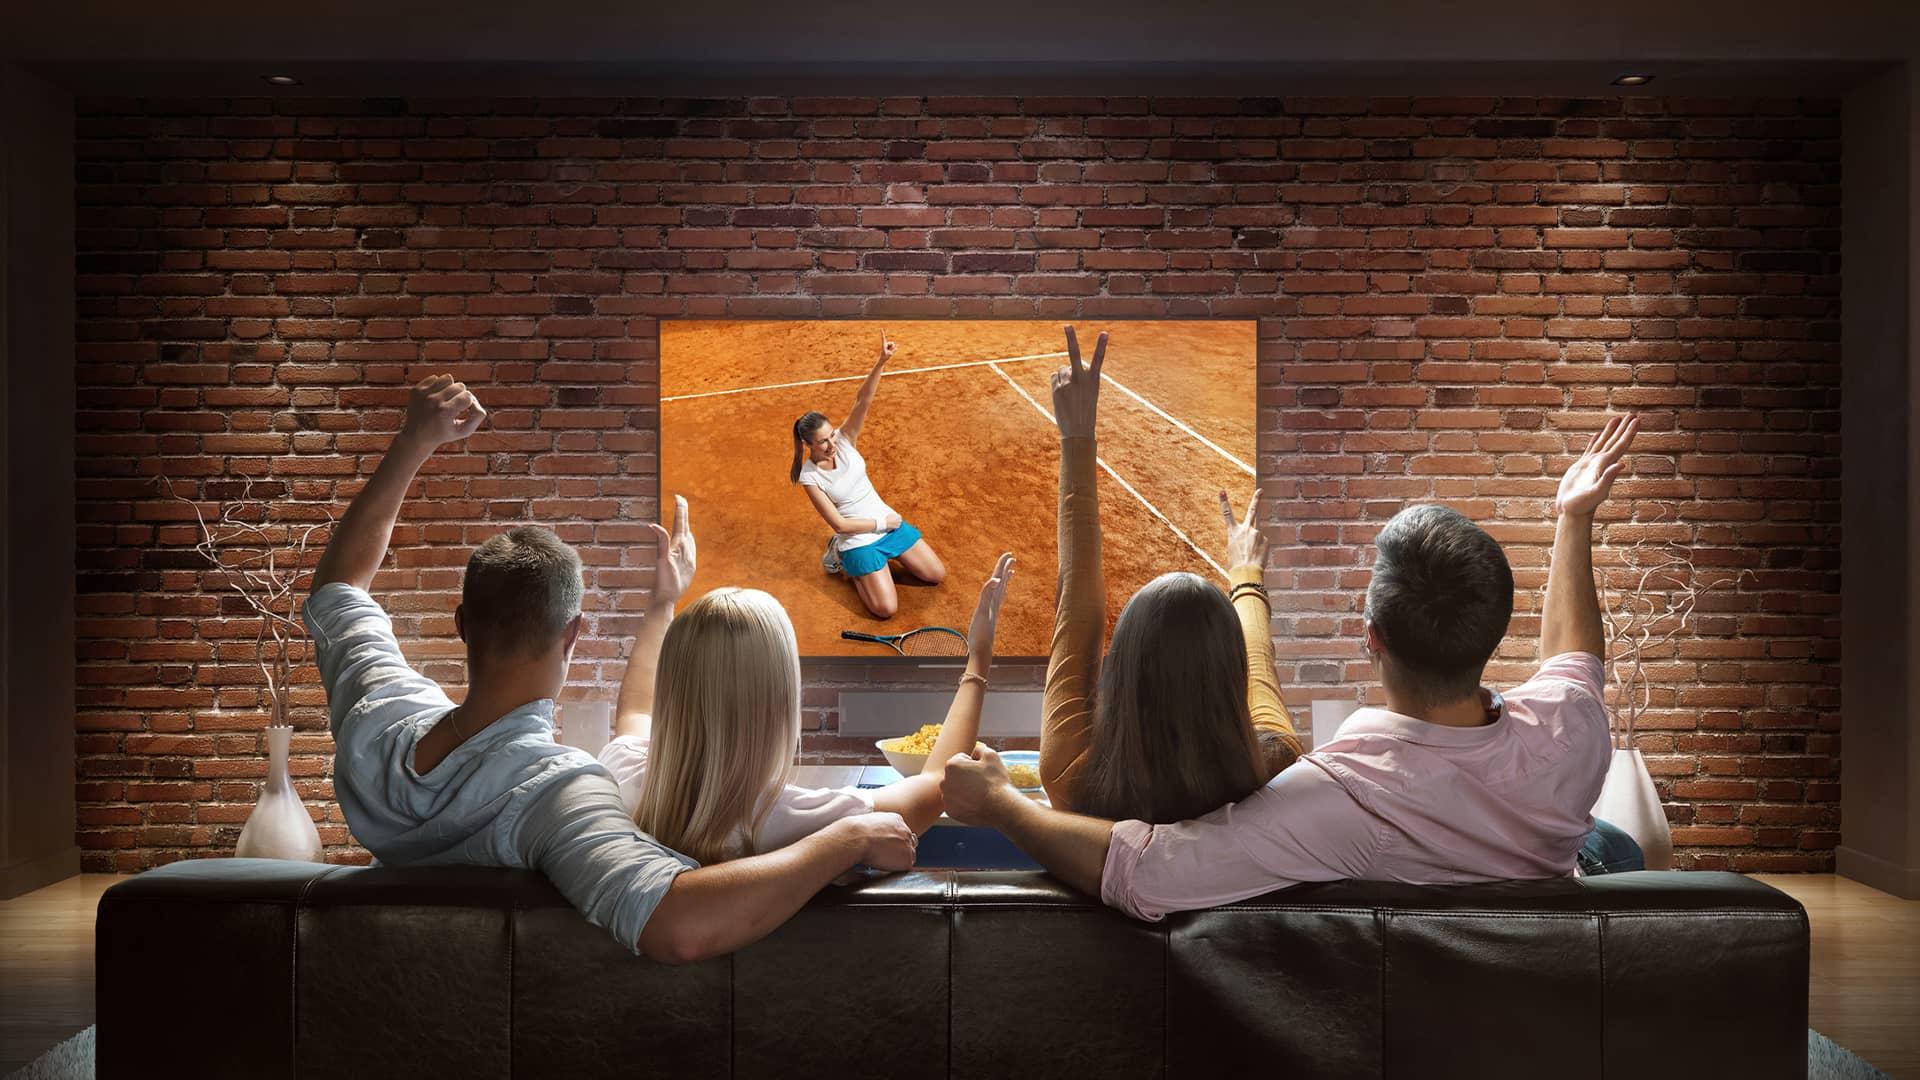 Gente viendo partido tenis con tv deportes de vodafone